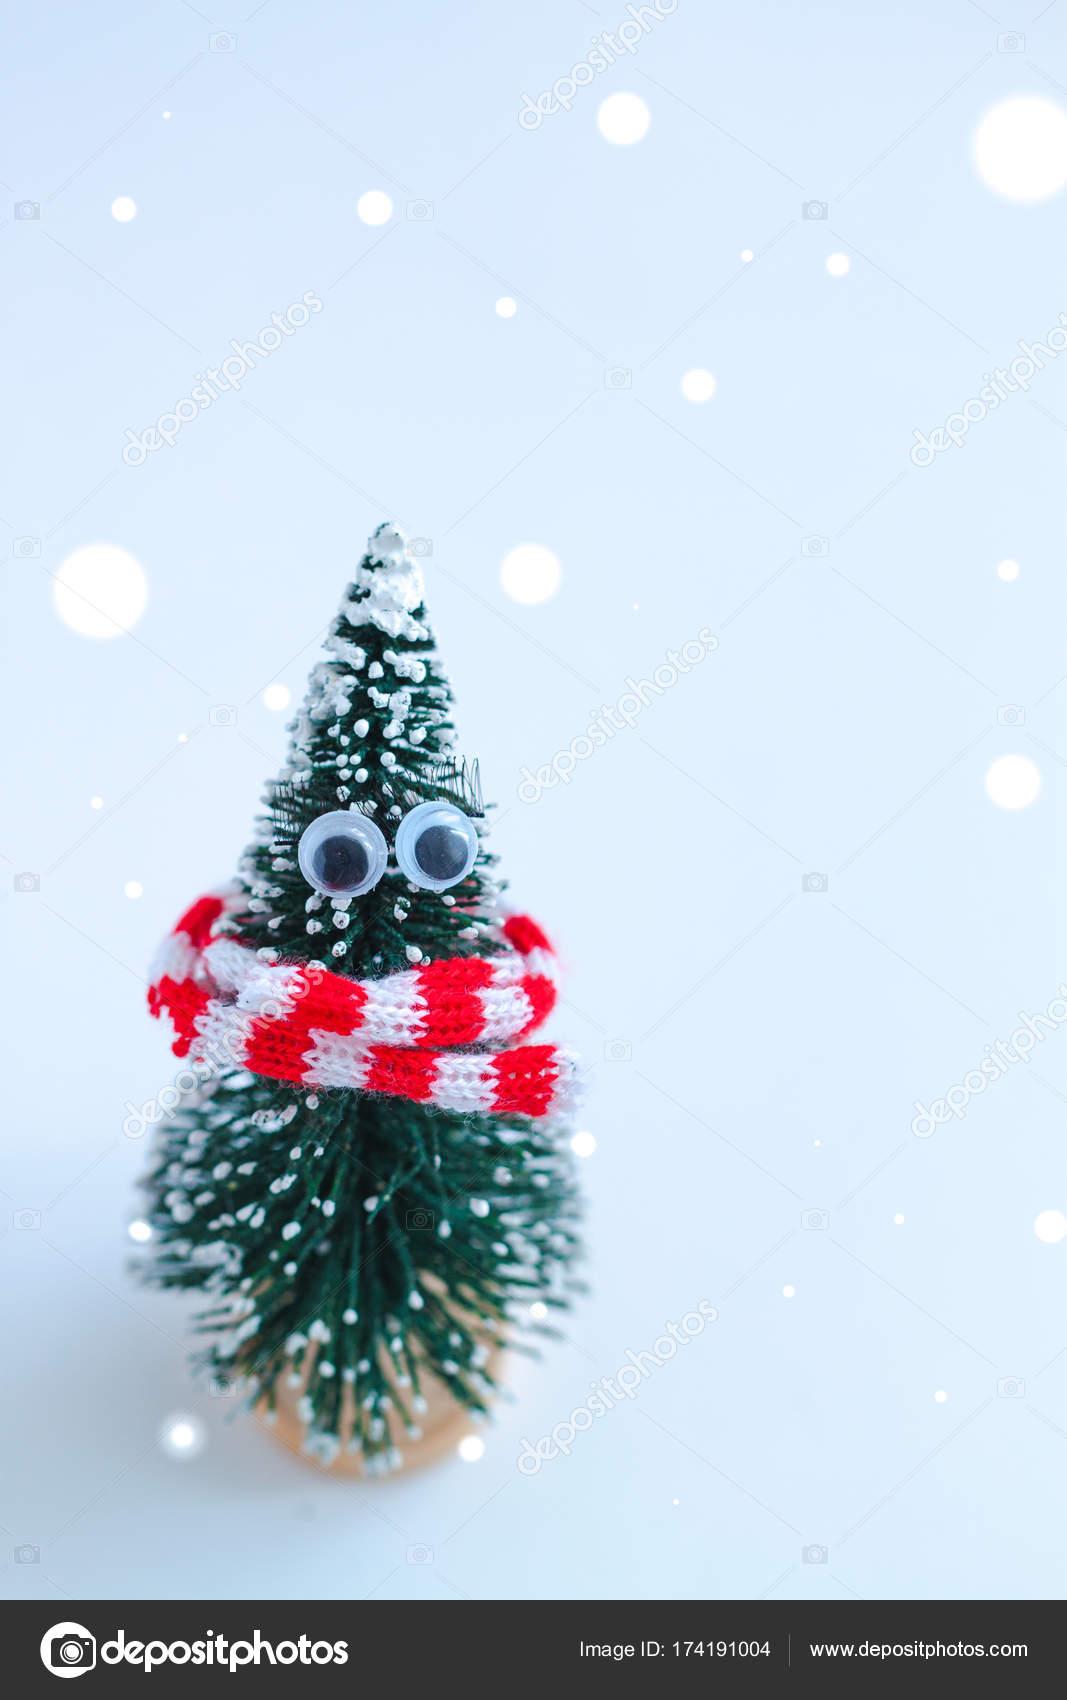 a04816c939e Vánoční Stromeček Hračka Pletená Šála Červená Bílá Efektem Sněhové Vločky —  Stock fotografie